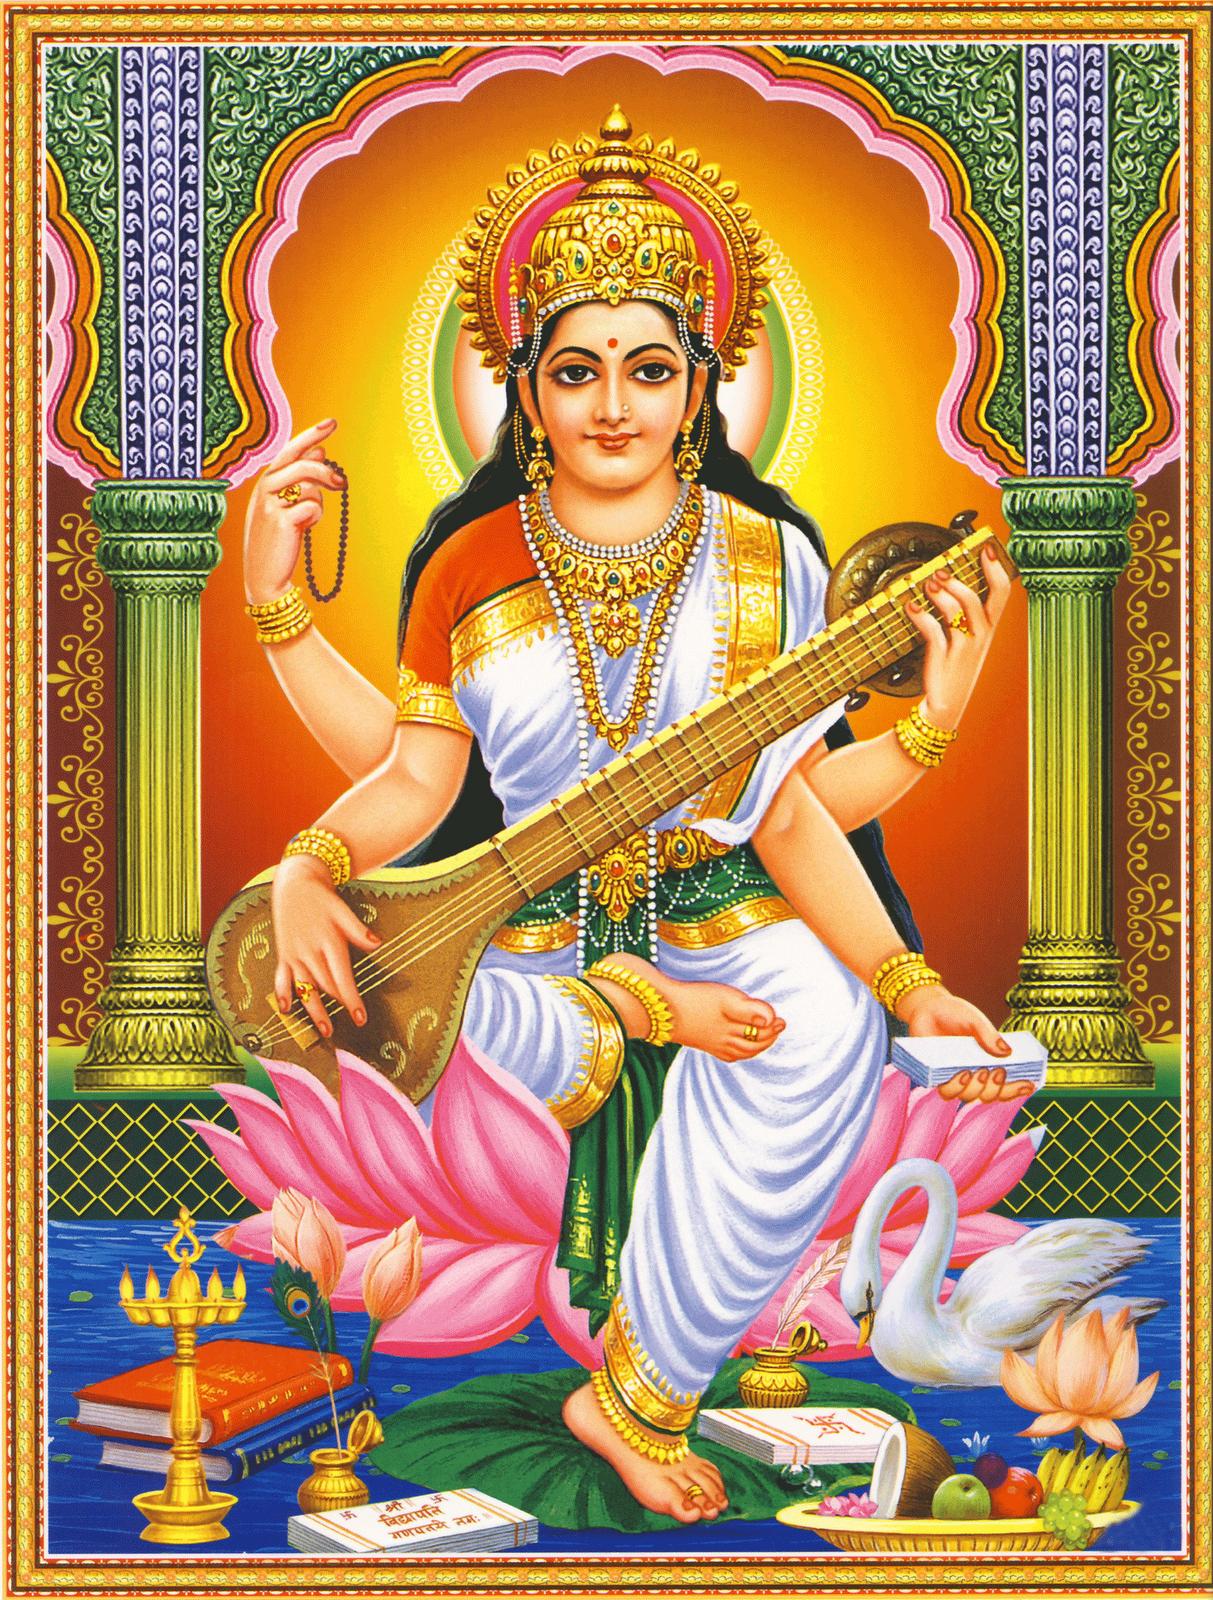 stiati_ca_hinduism